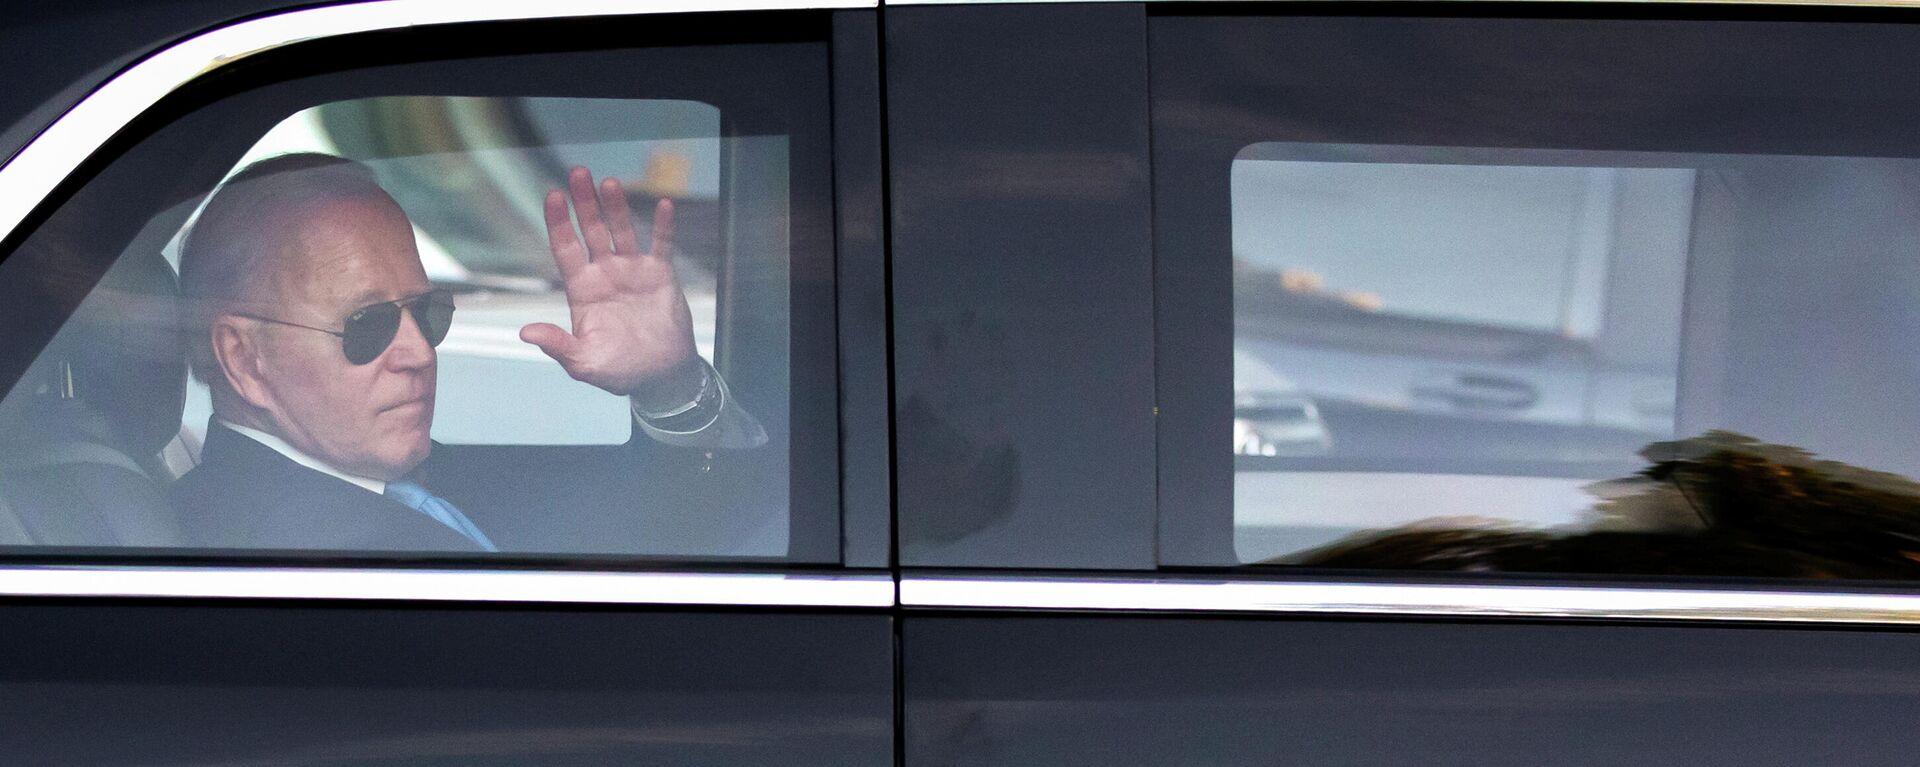 Президент США Джо Байден машет рукой в машине - Sputnik Таджикистан, 1920, 07.10.2021